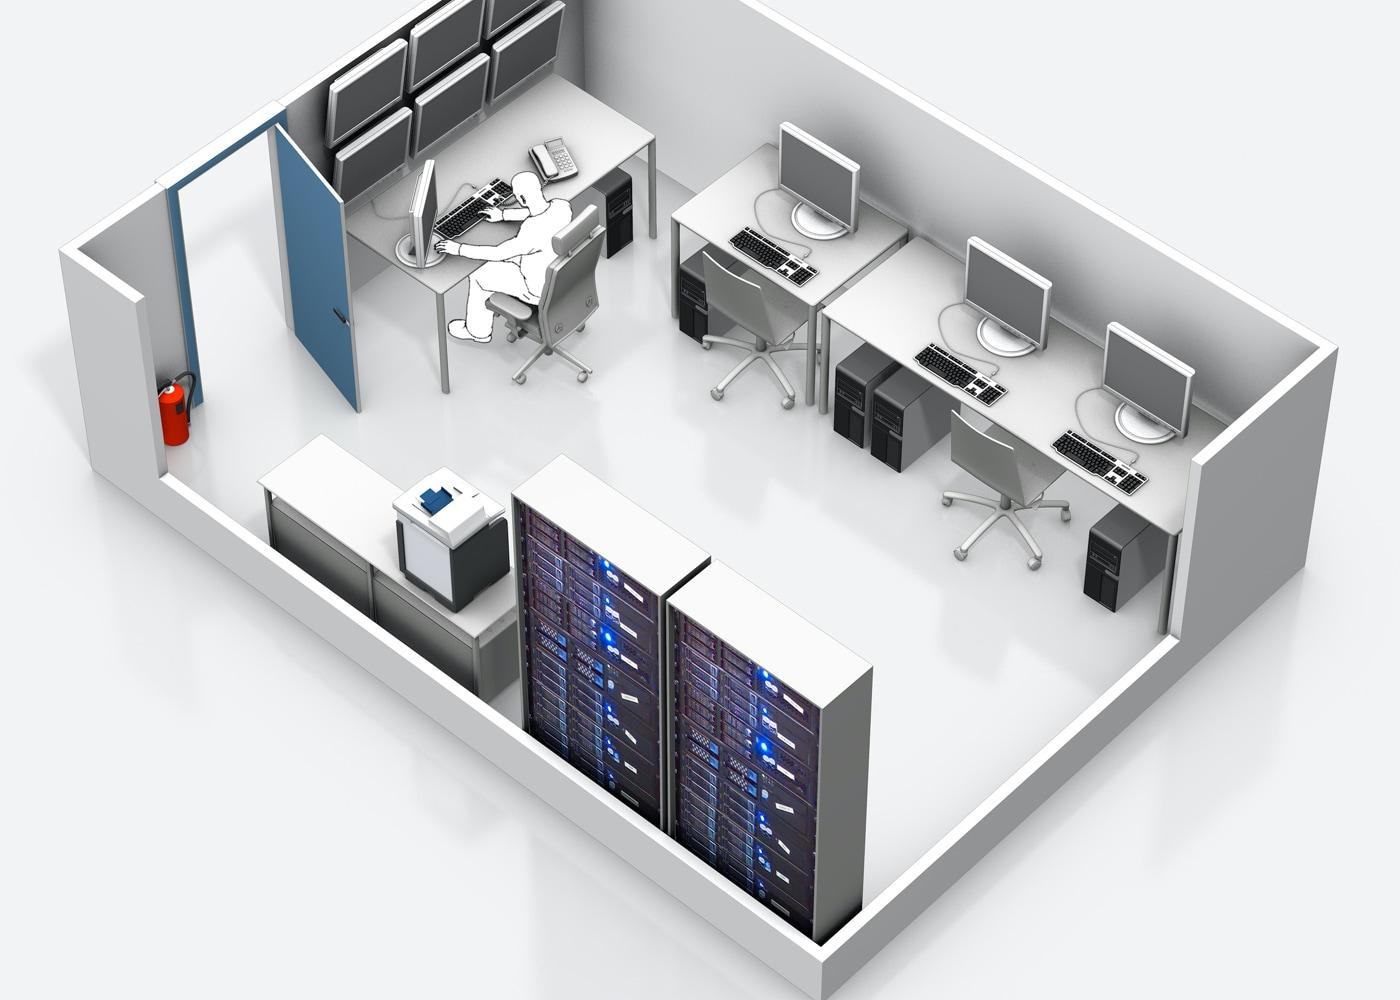 Aufschnitt einer 3D Ansicht eines IT-Innenraumes